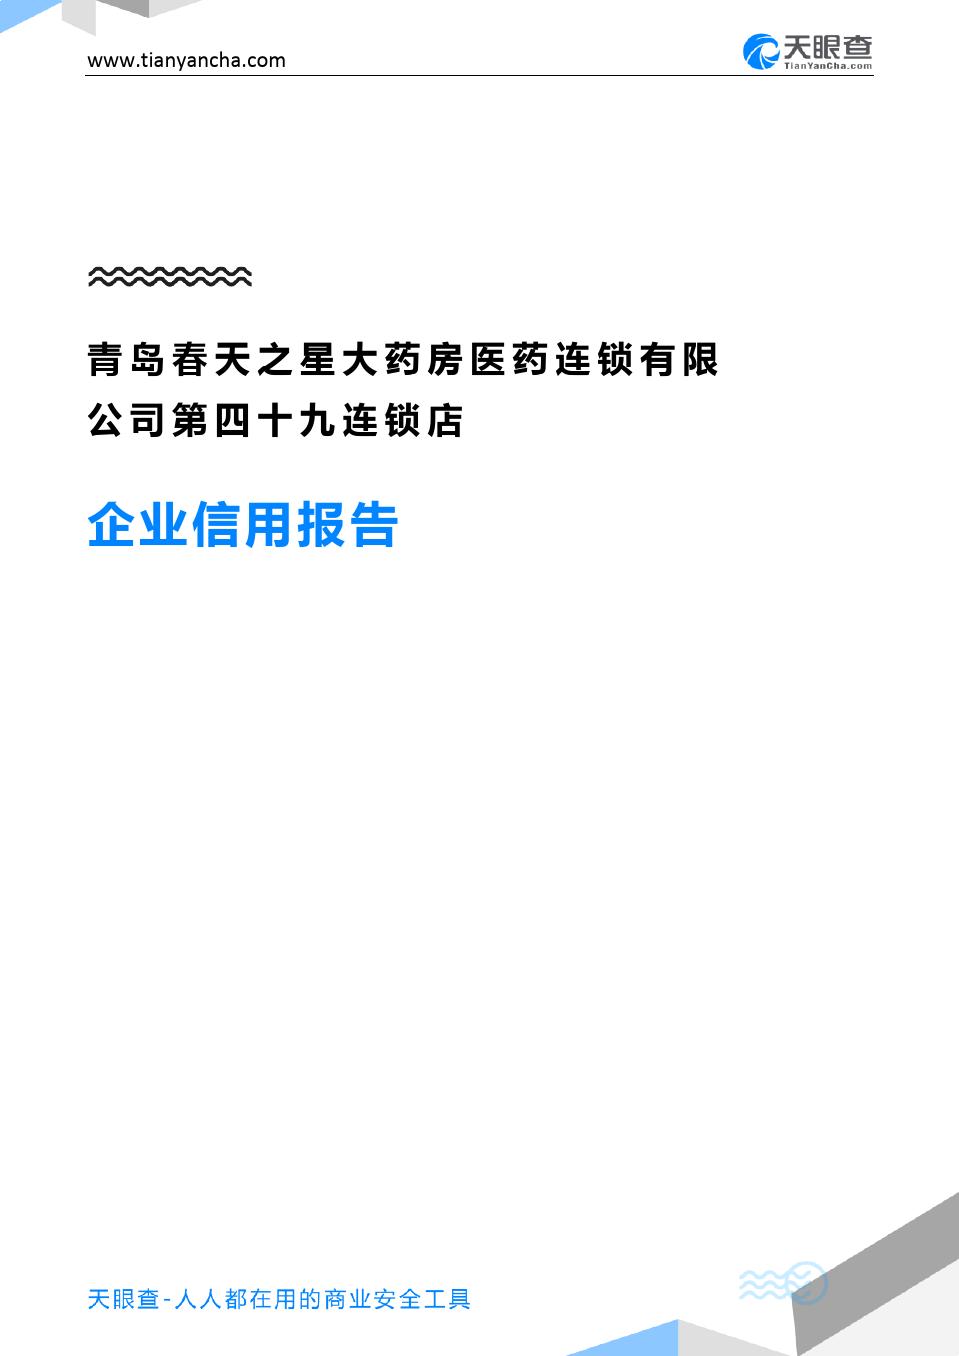 青岛春天之星大药房医药连锁有限公司第四十九连锁店企业信用报告-天眼查